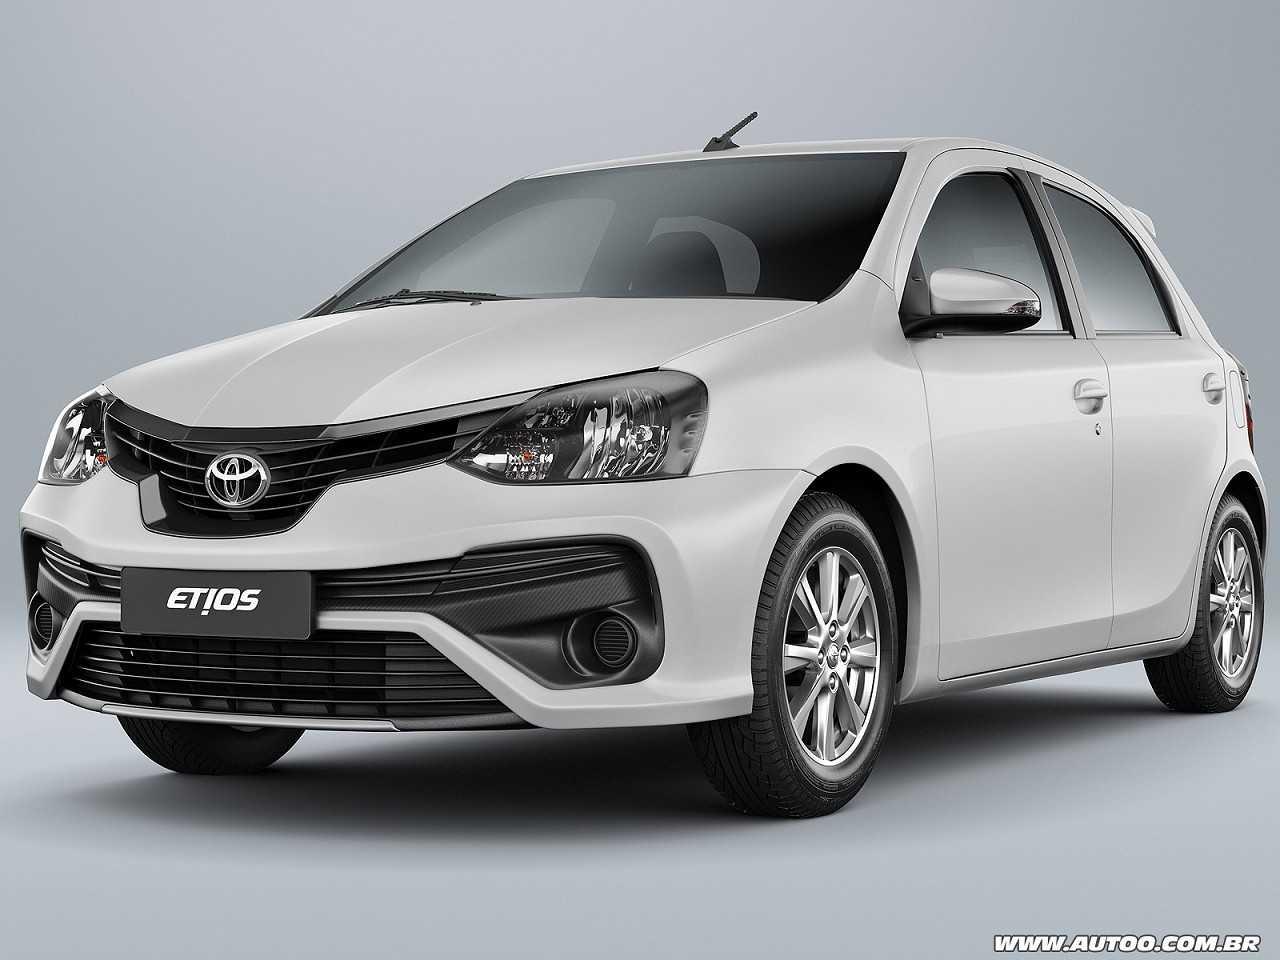 ToyotaEtios 2019 - ângulo frontal